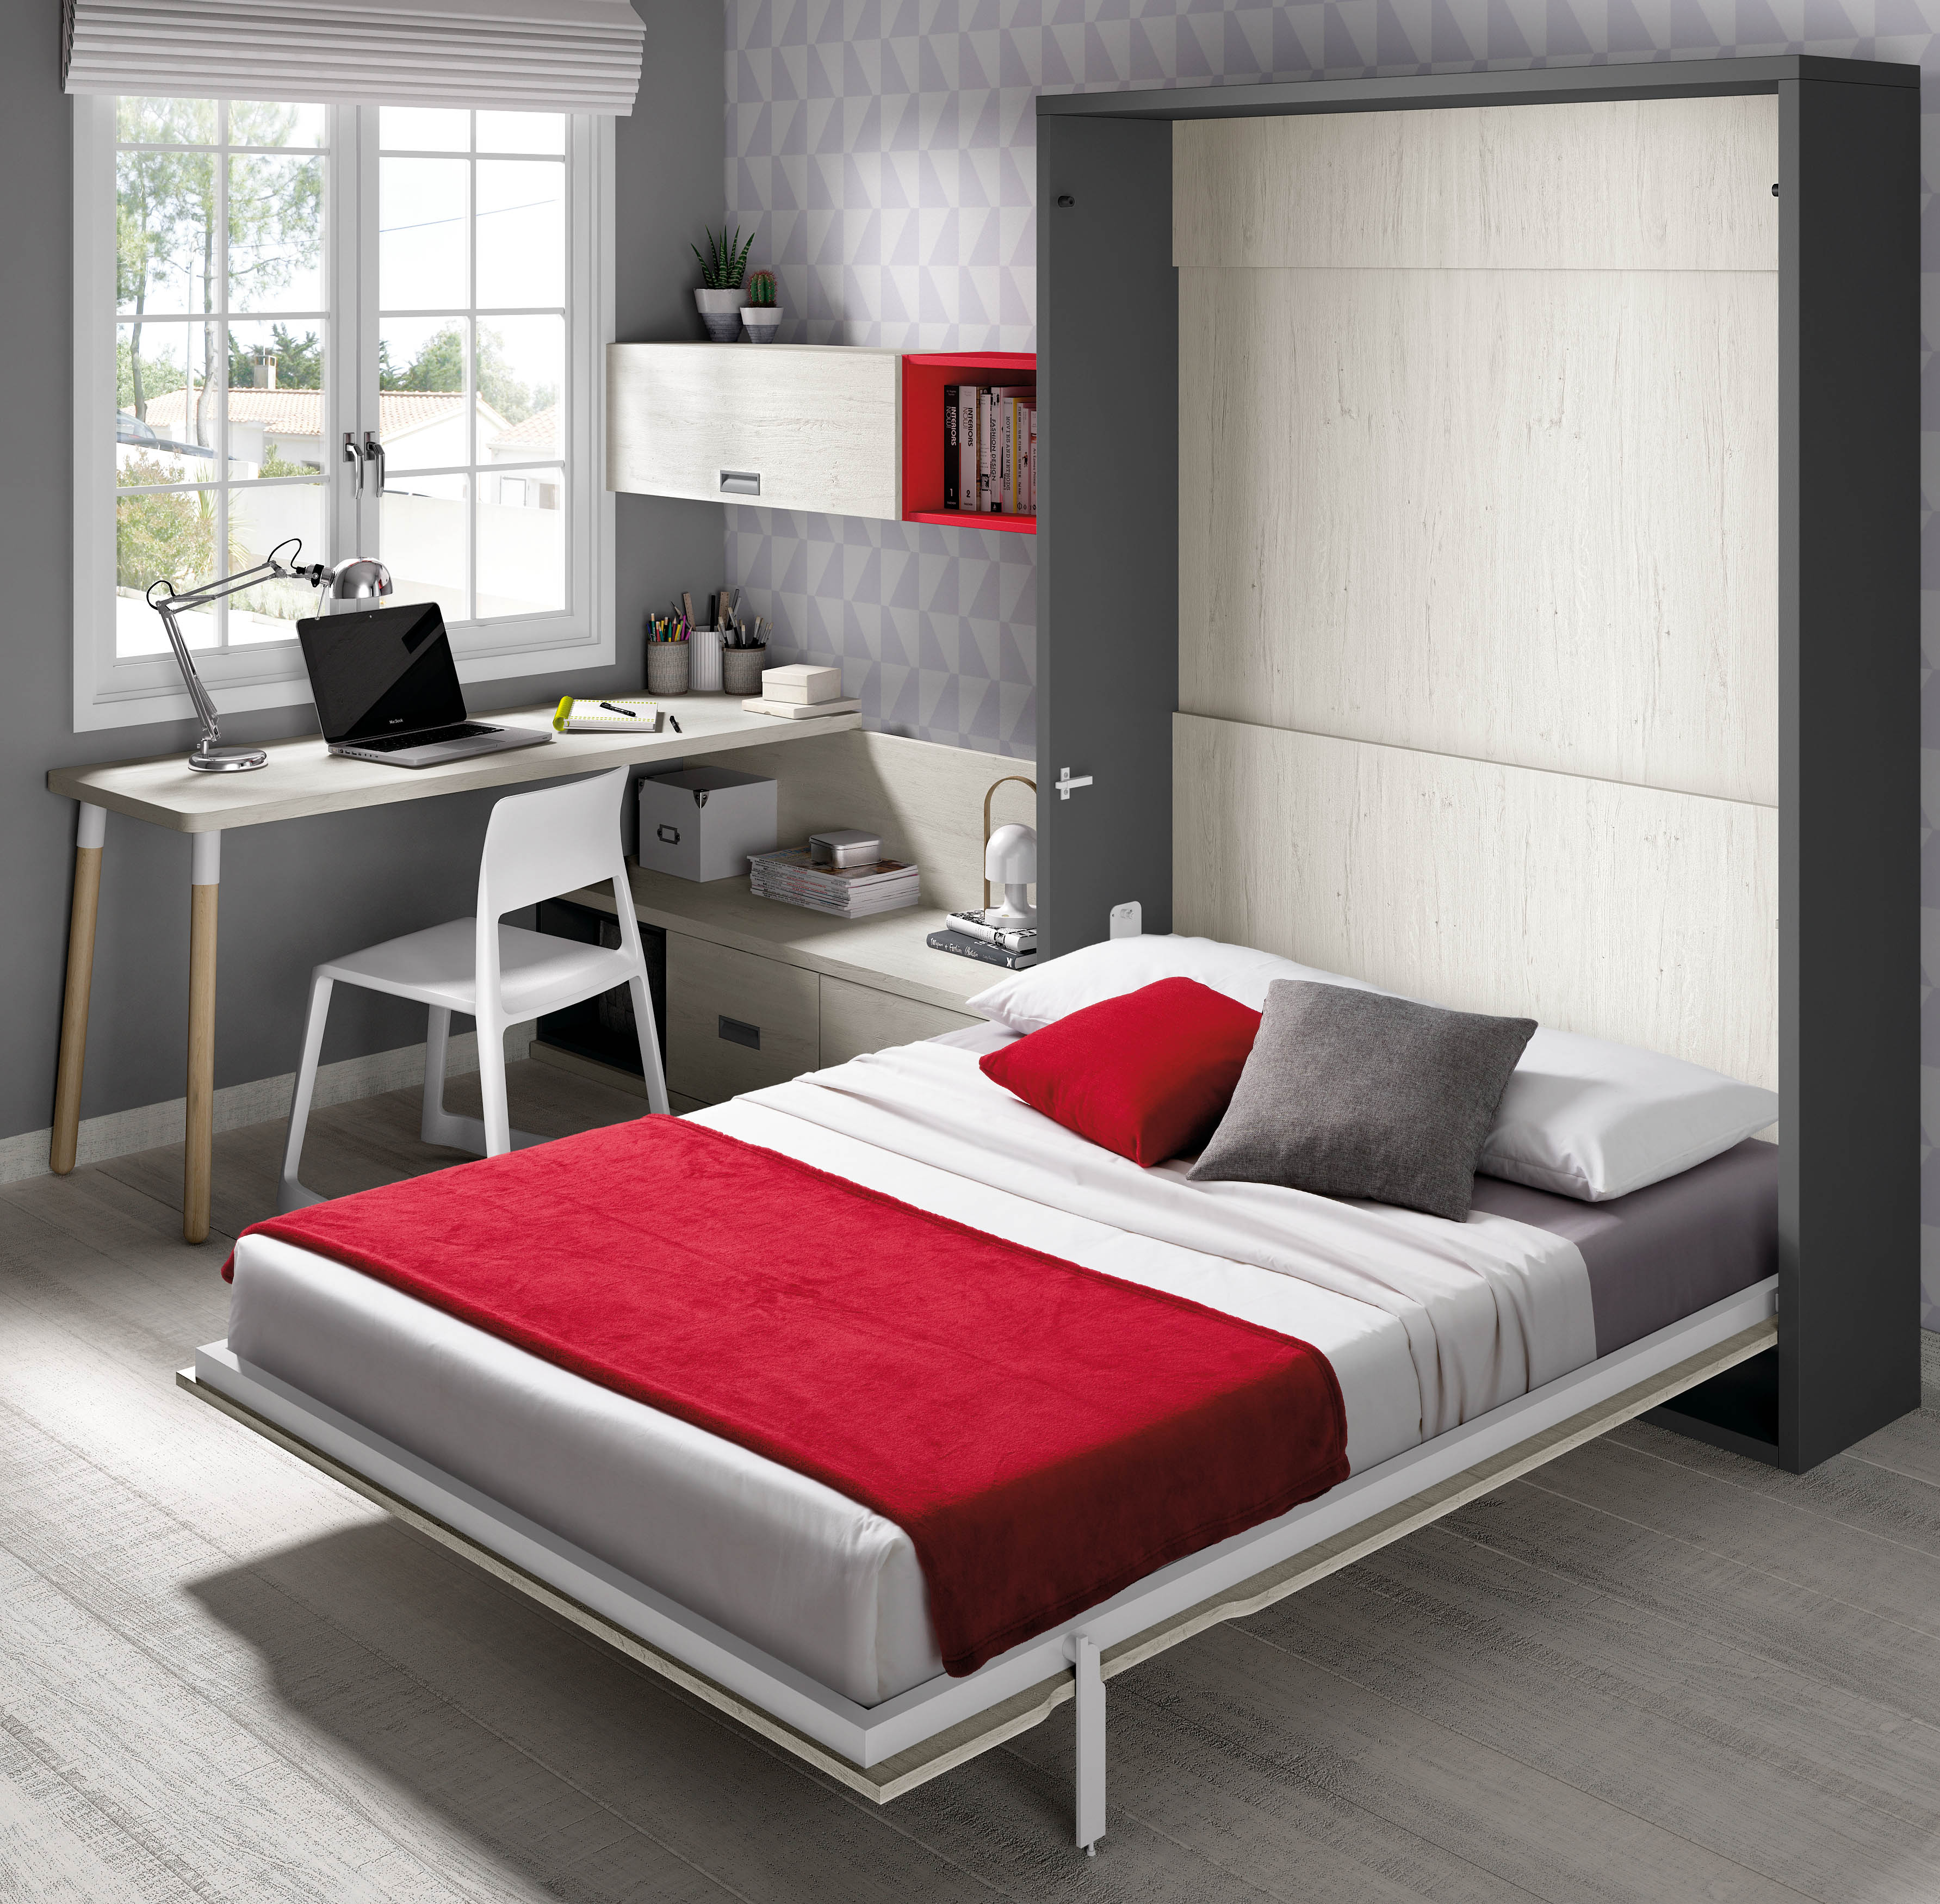 Camas abatibles verticales camas plegables cama for Camas muebles baratas